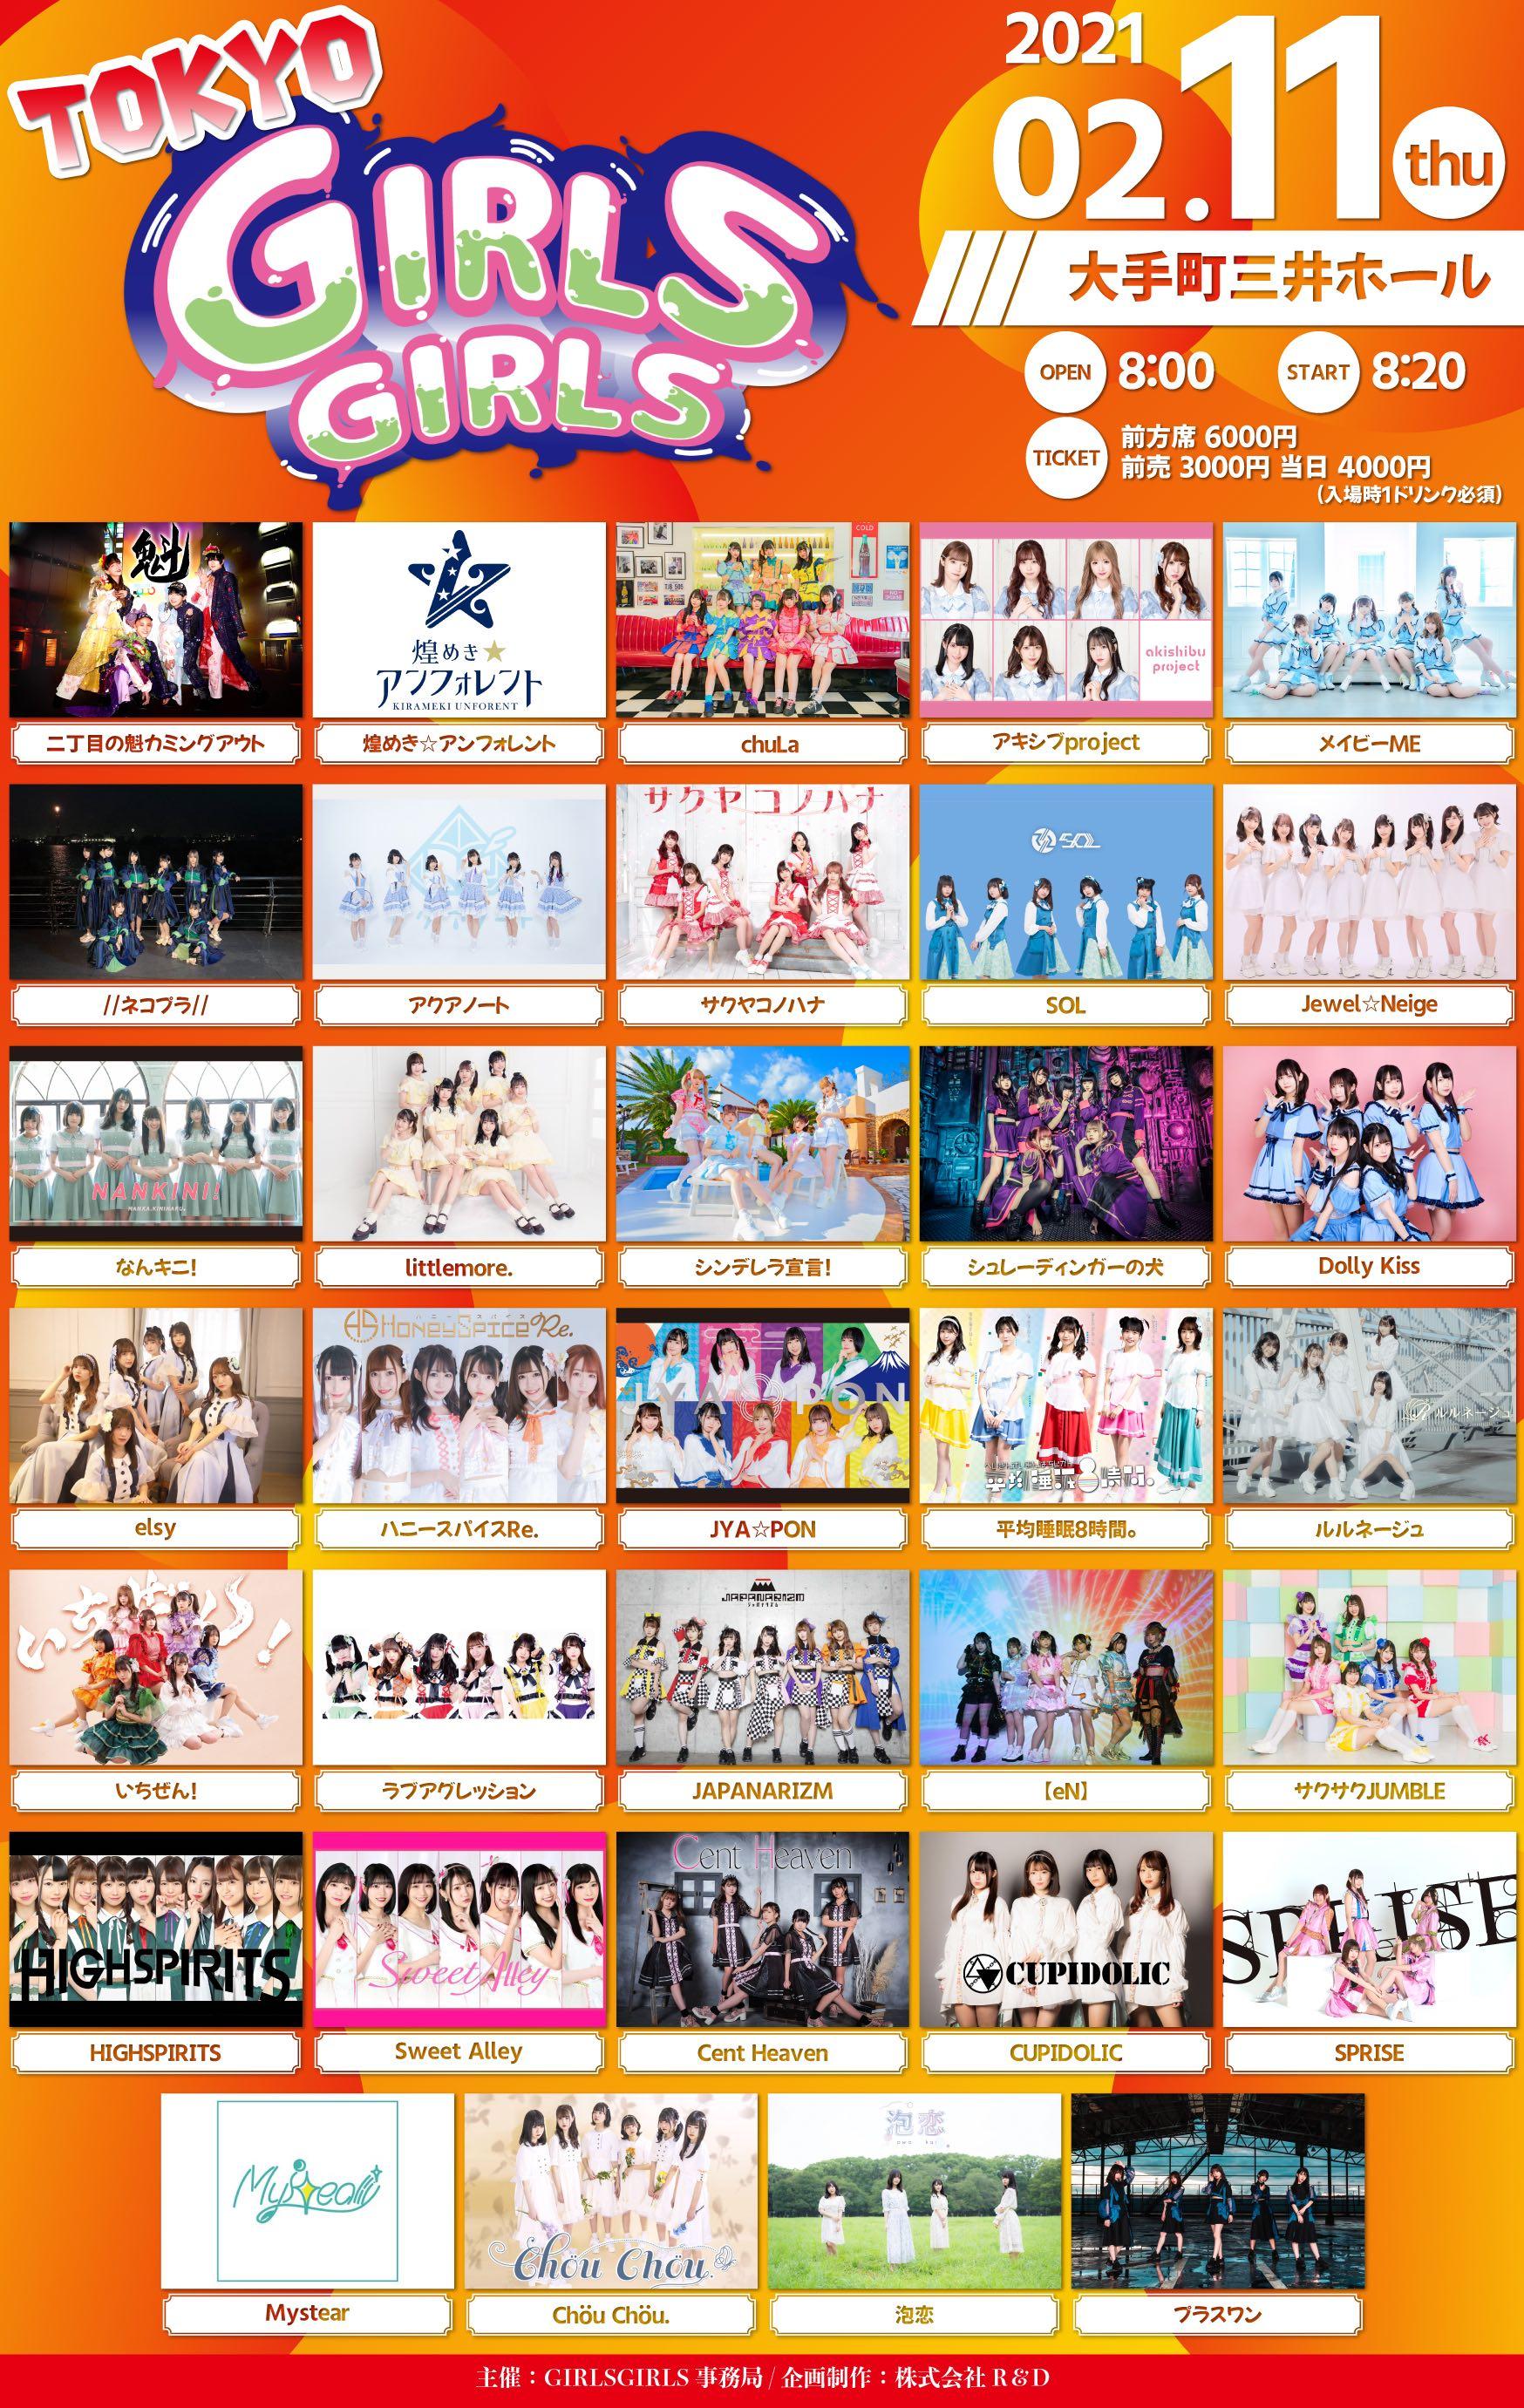 2/11(木祝) TOKYO GIRLS GIRLS